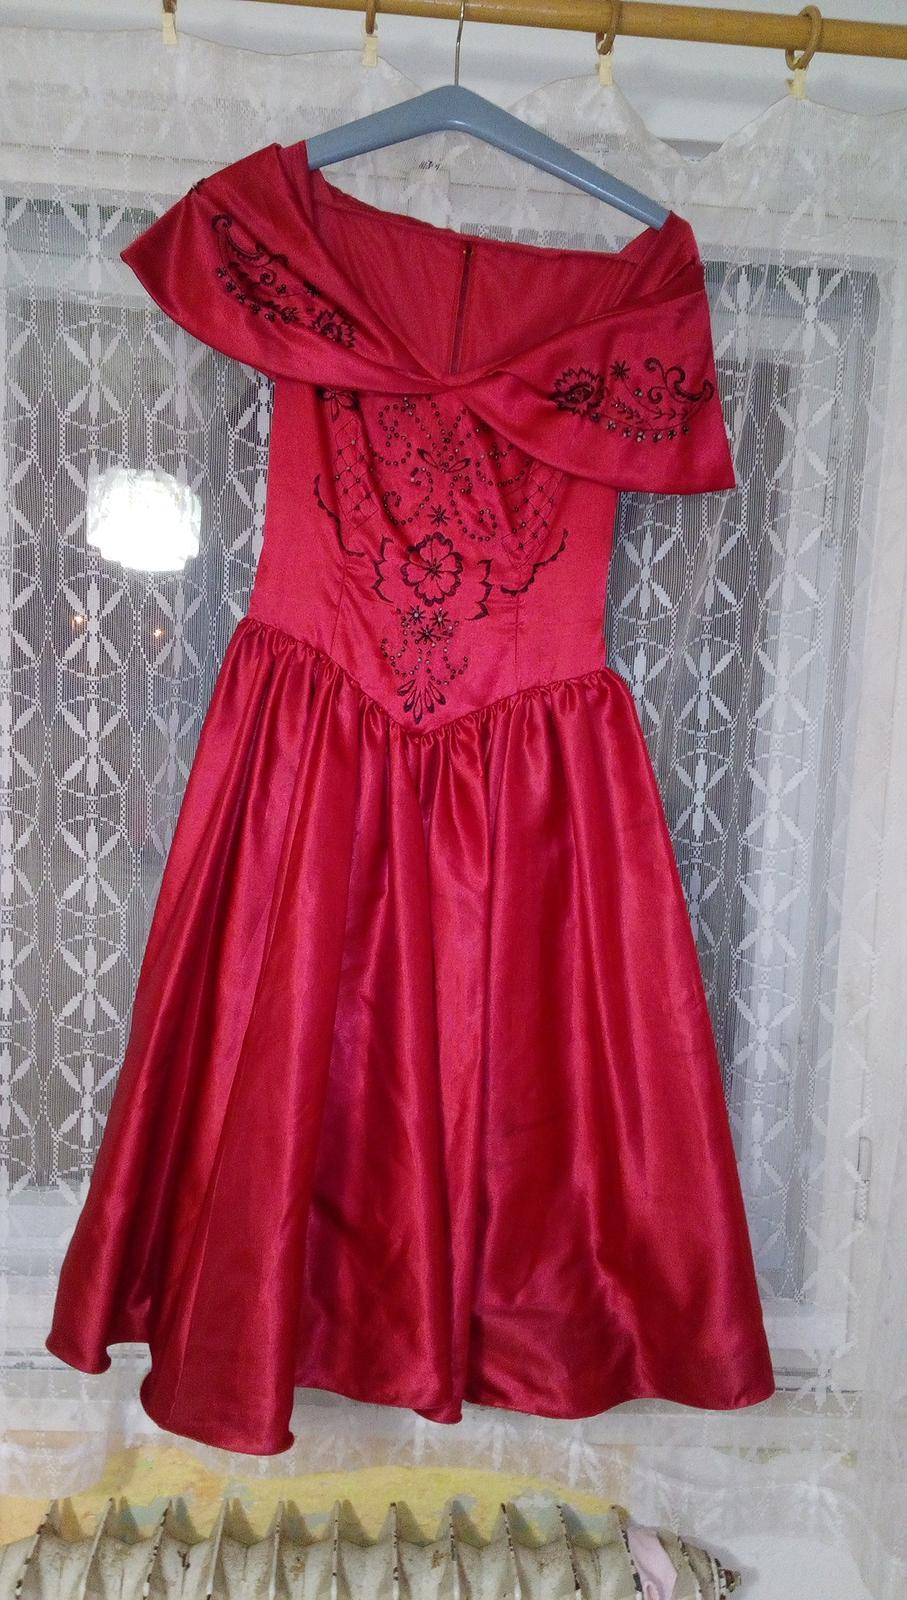 červené šaty - Obrázek č. 1